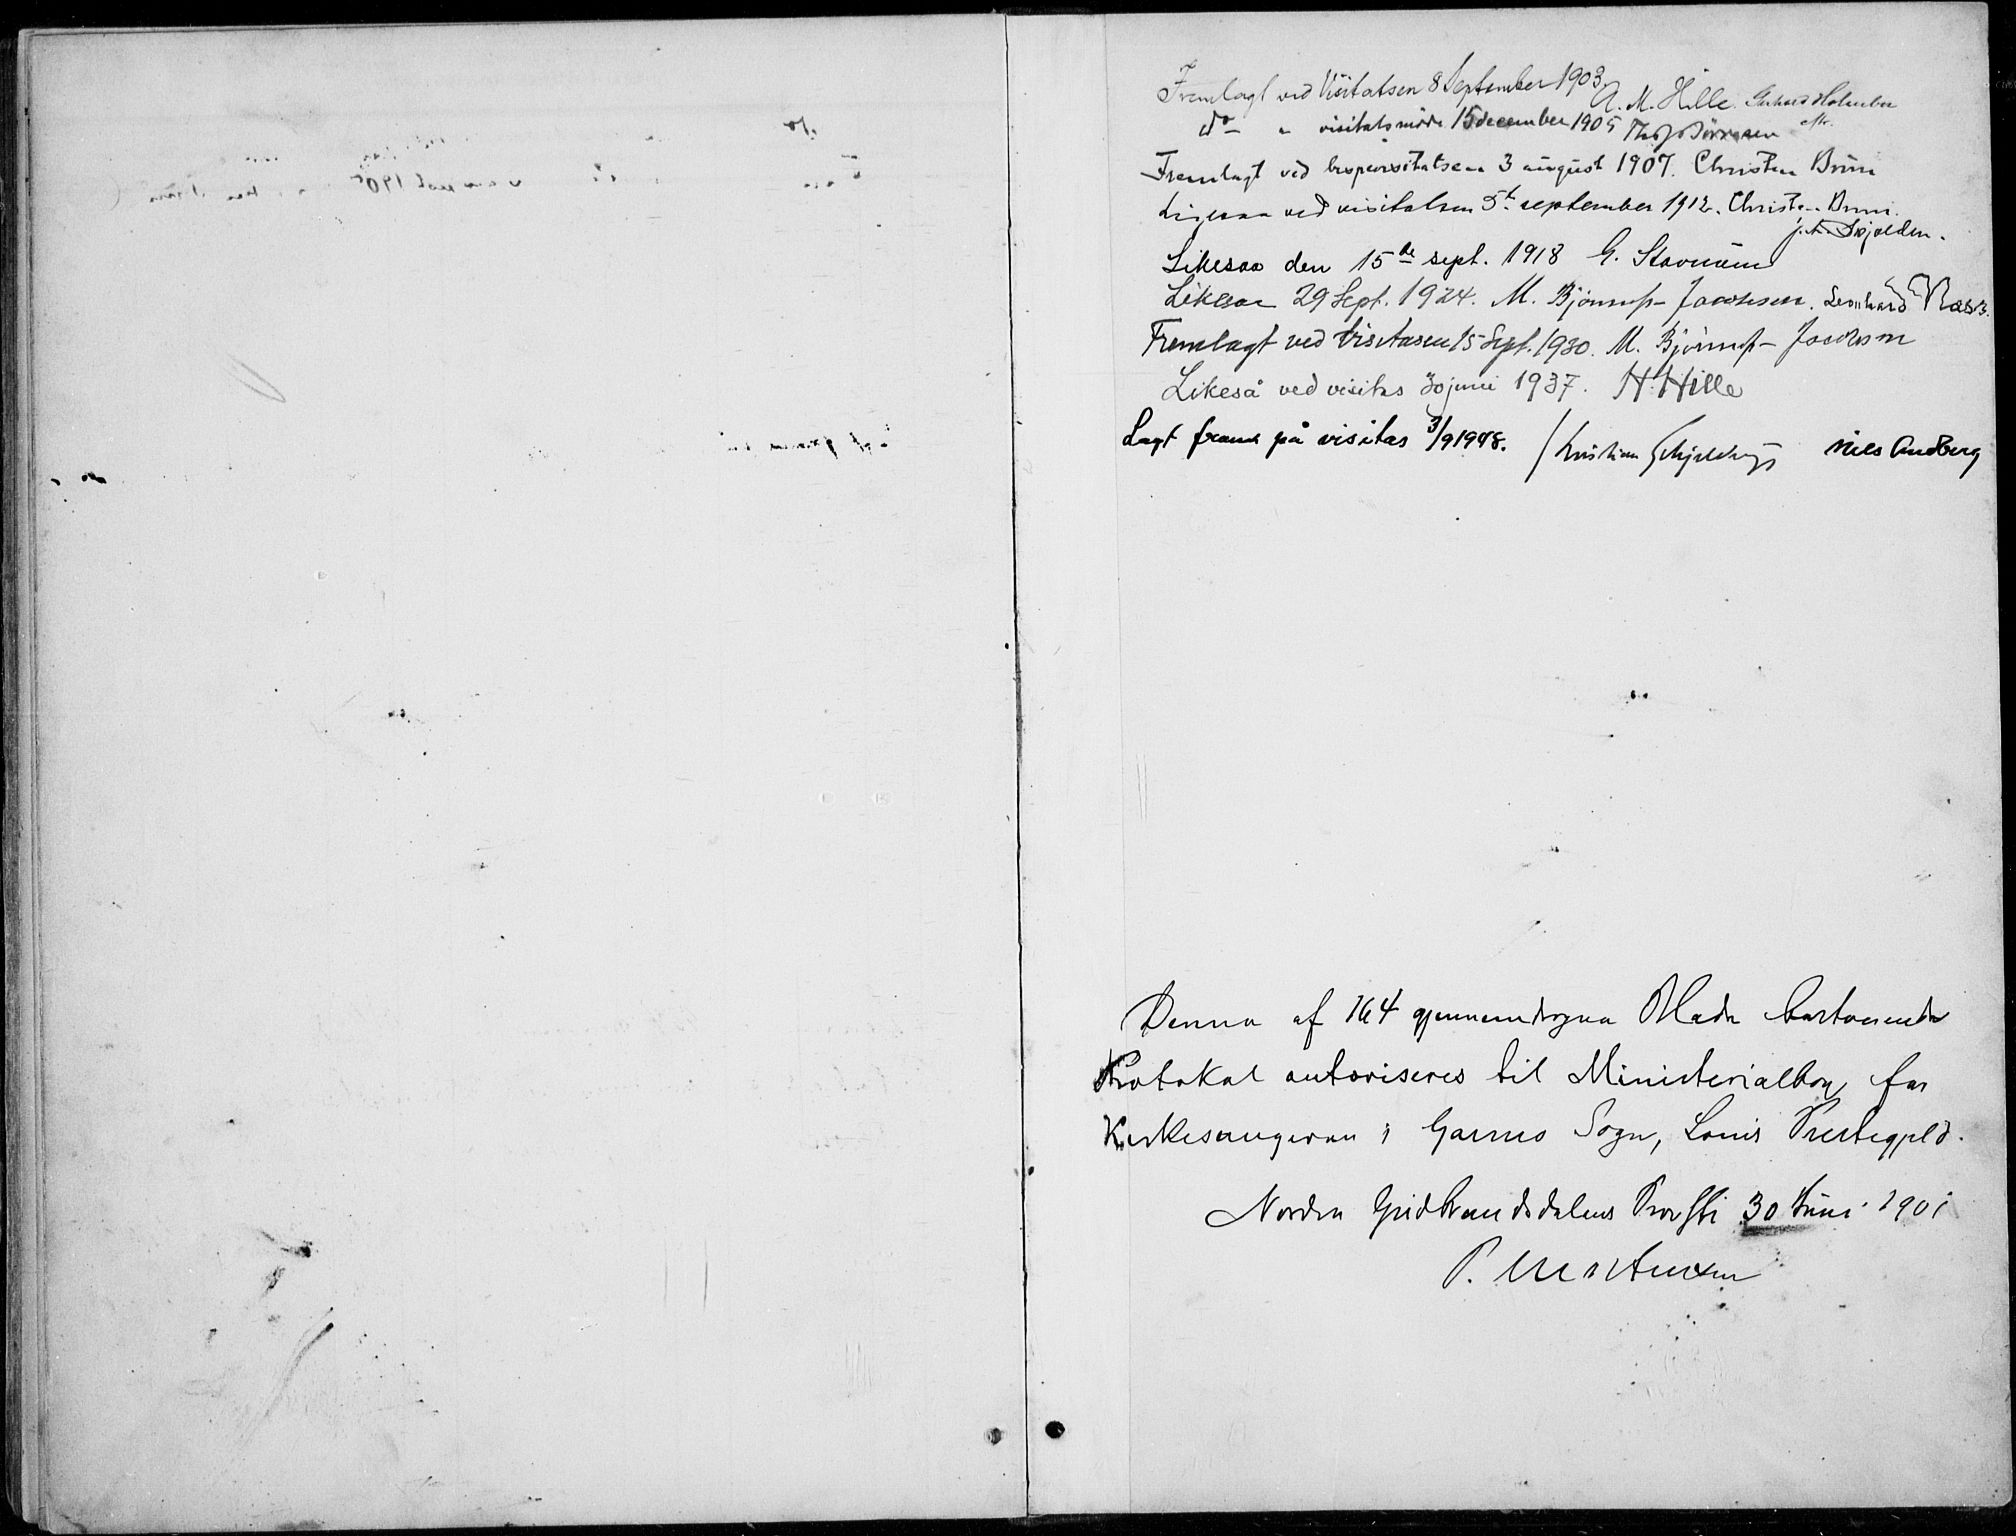 SAH, Lom prestekontor, L/L0006: Klokkerbok nr. 6, 1901-1939